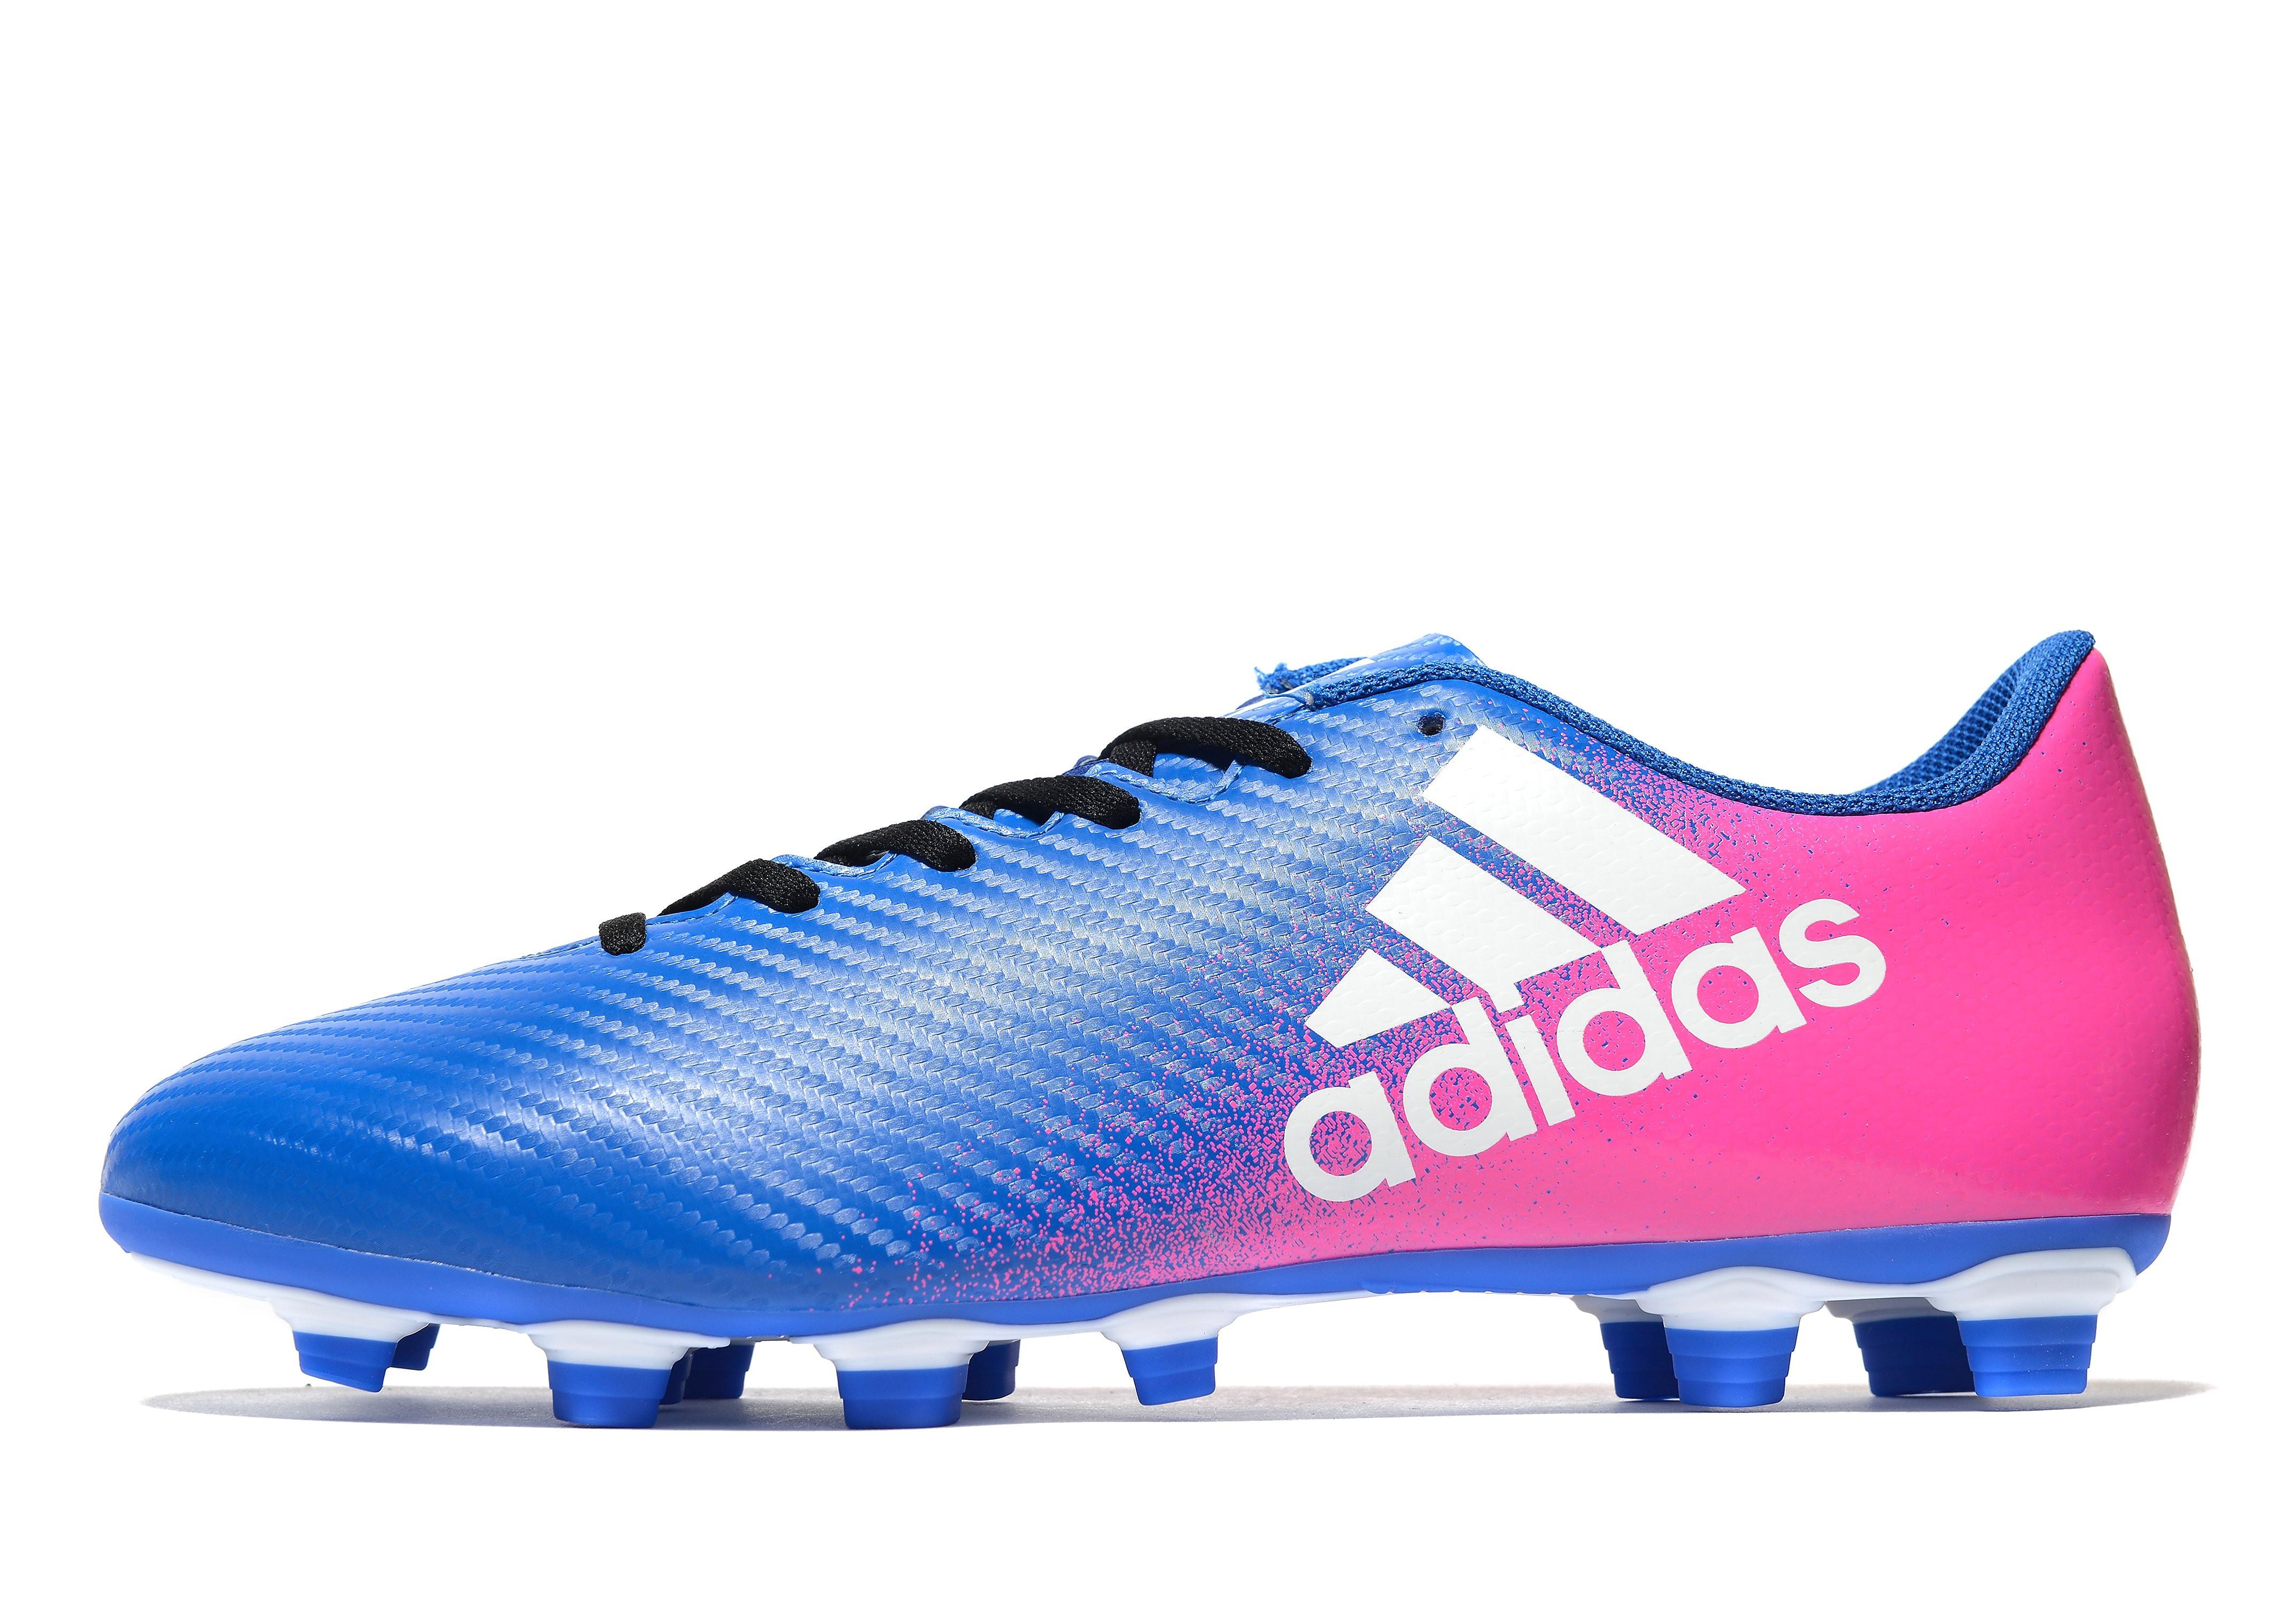 adidas Blue Blast X 16.4 FXG